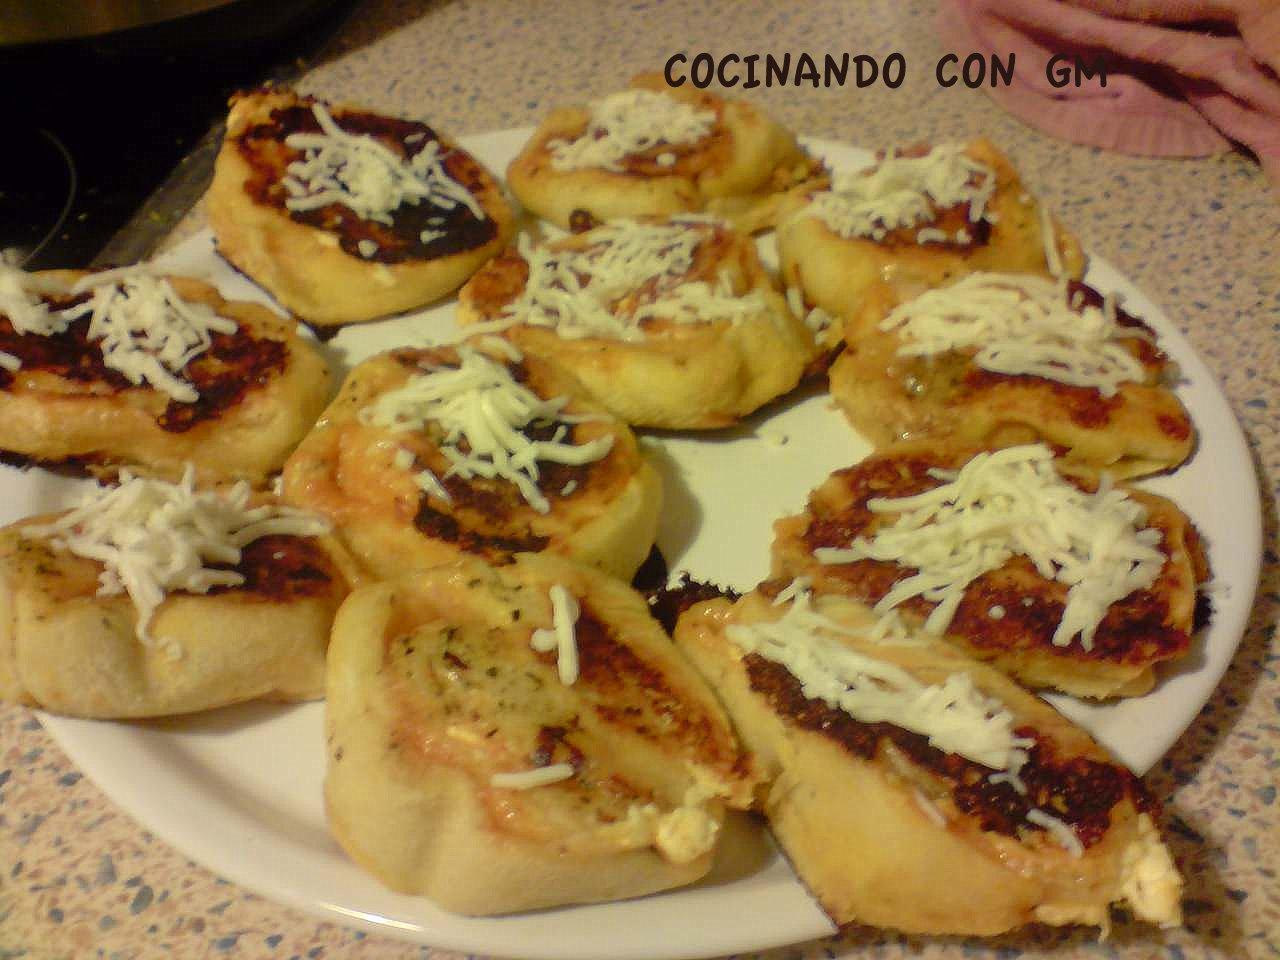 Cocinando con gm pizza roller for Cocinar con olla gm